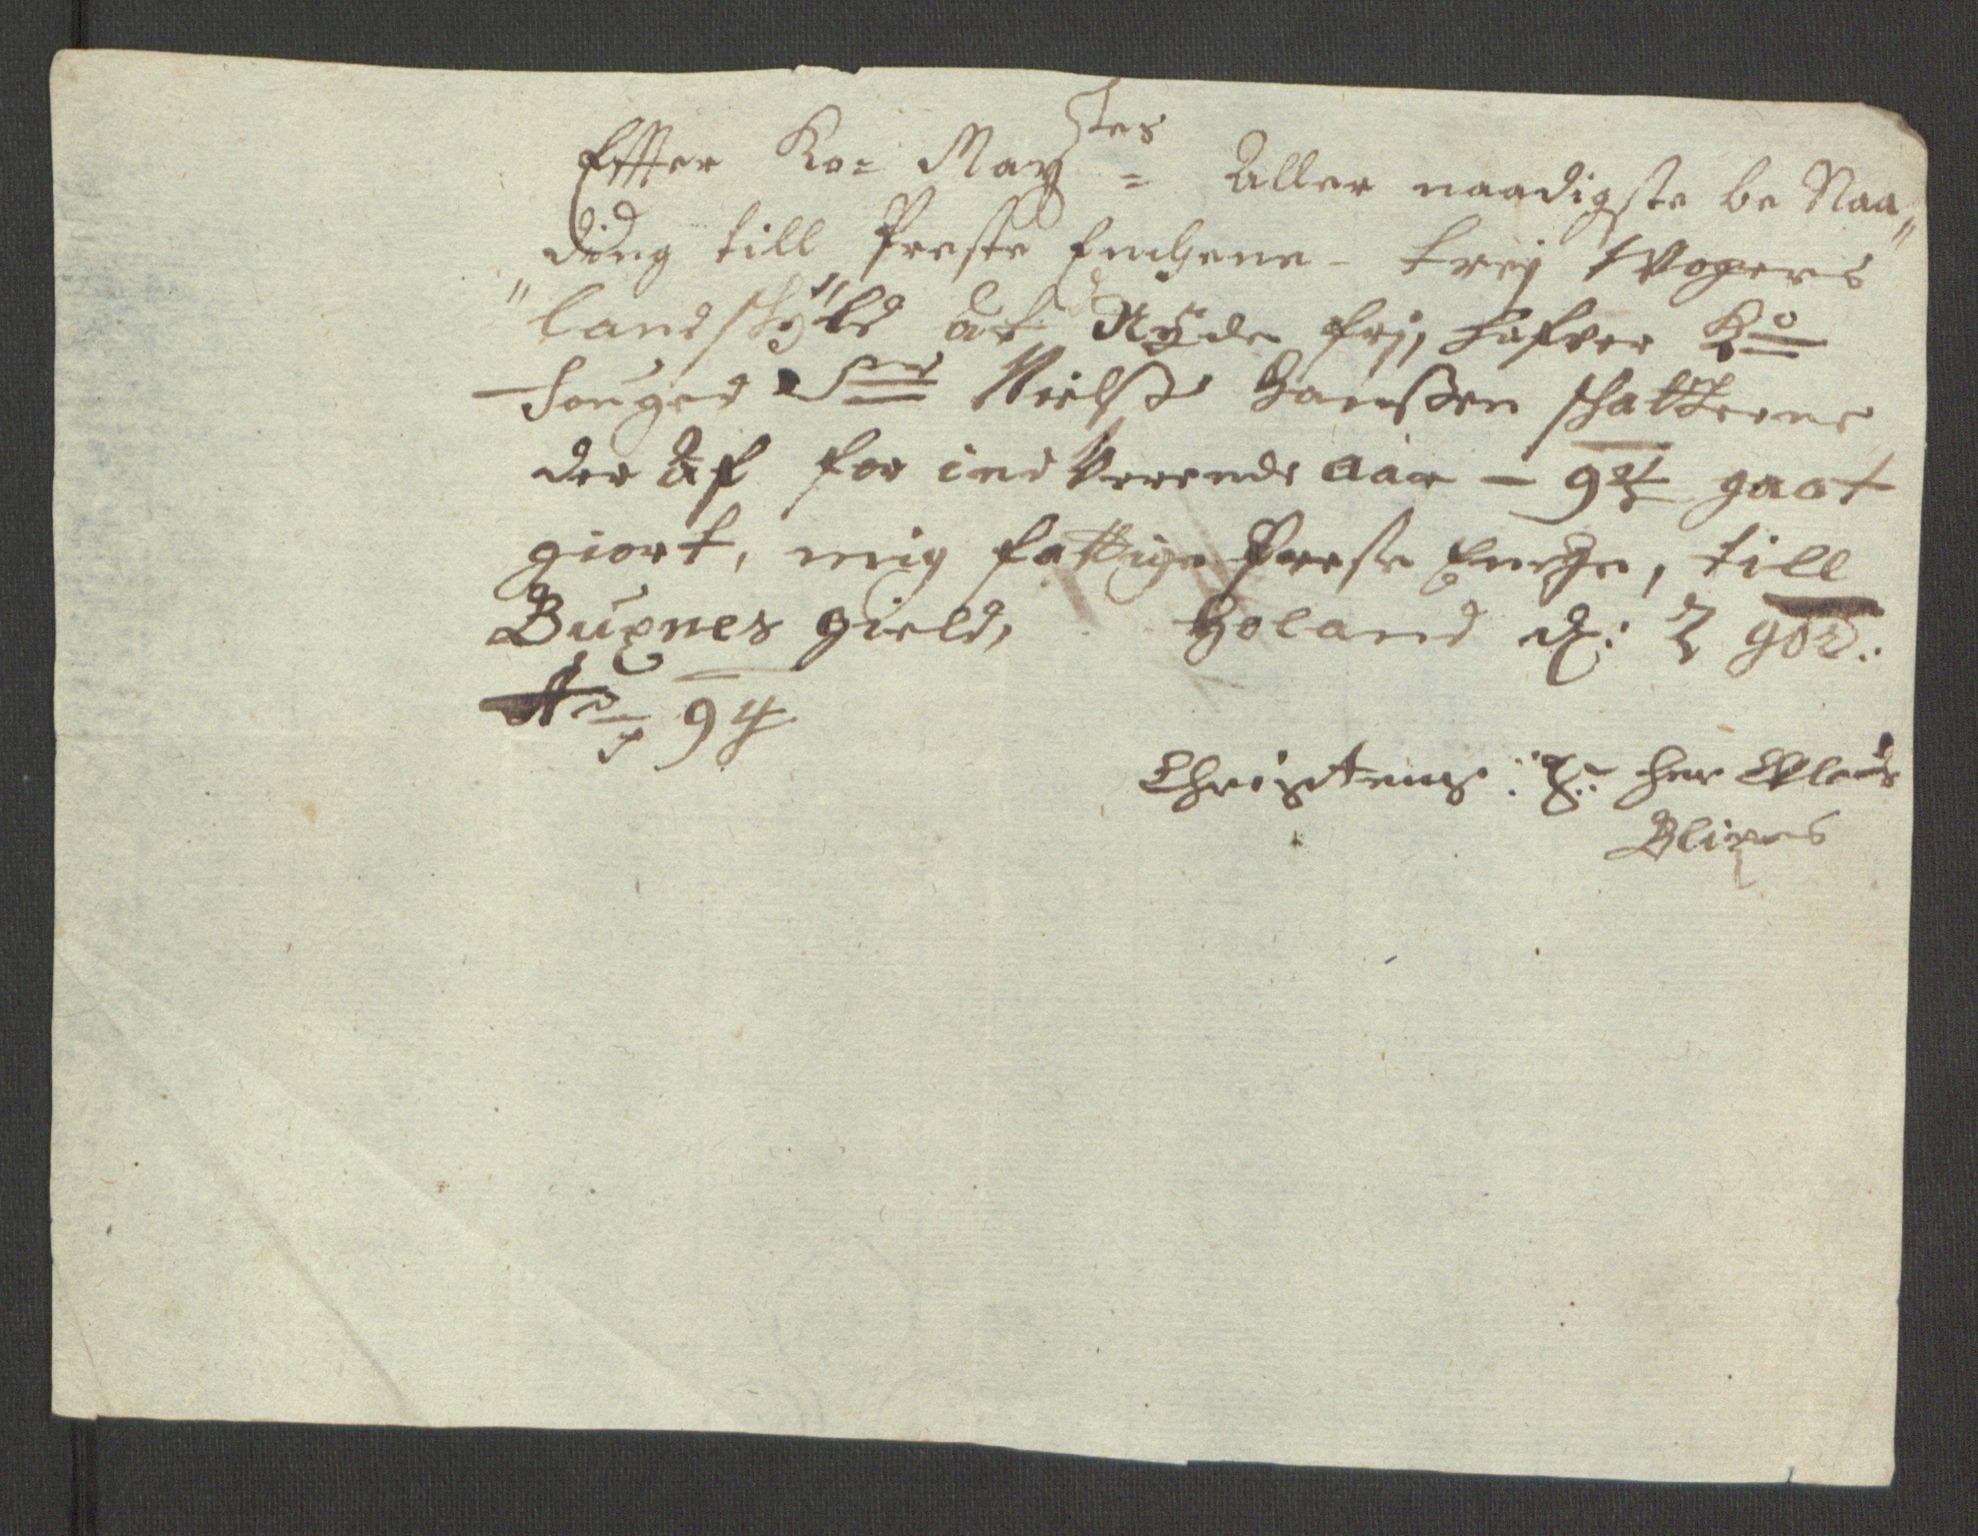 RA, Rentekammeret inntil 1814, Reviderte regnskaper, Fogderegnskap, R67/L4677: Fogderegnskap Vesterålen, Andenes og Lofoten, 1694-1695, s. 155